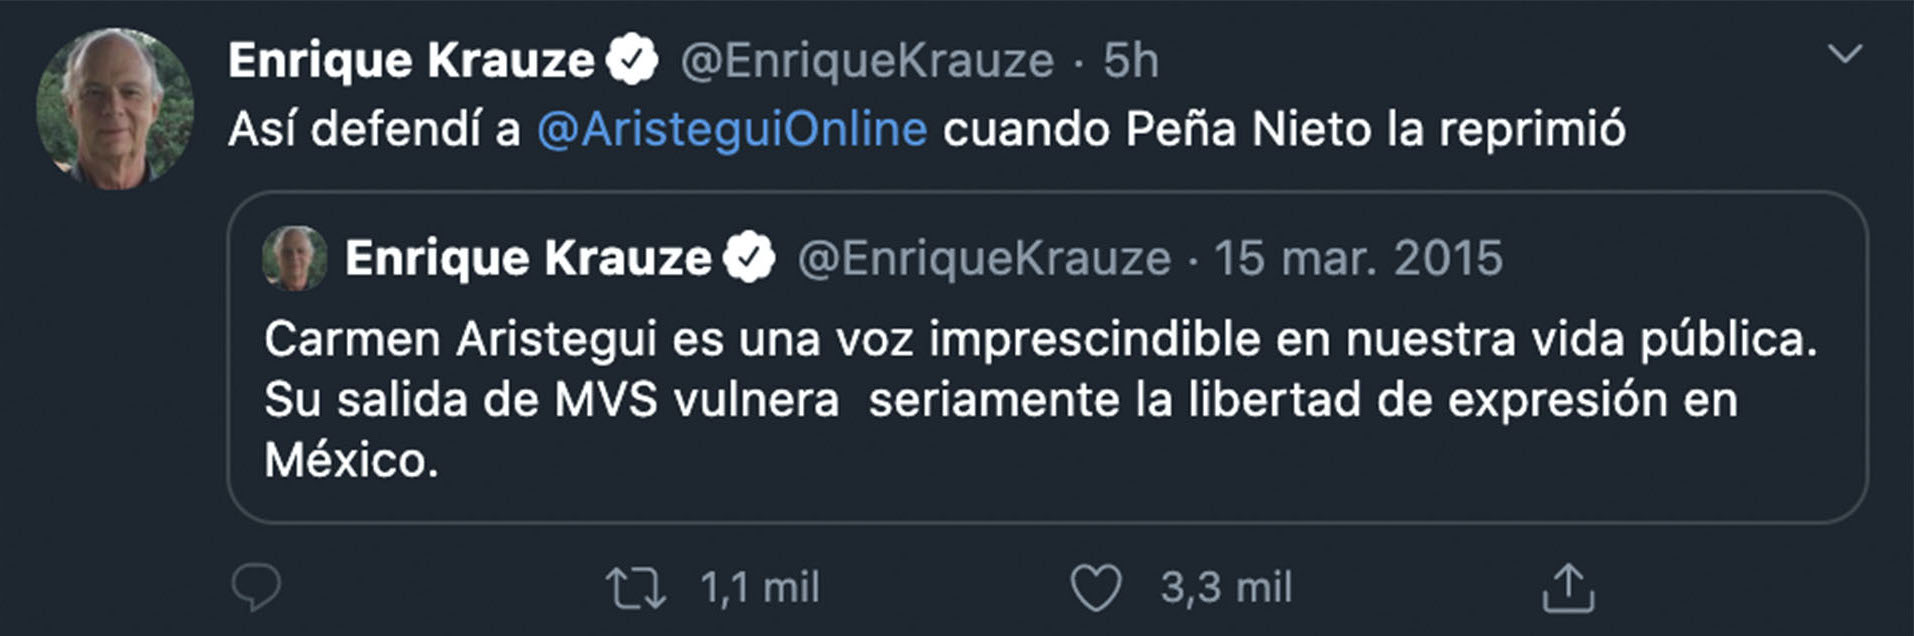 Karuze dejó en claro su defensa Aristegui cuando EPN la censuró por publicar el reportaje de La Casa Blanca (Foto: Twitter@EnriqueKrauze)